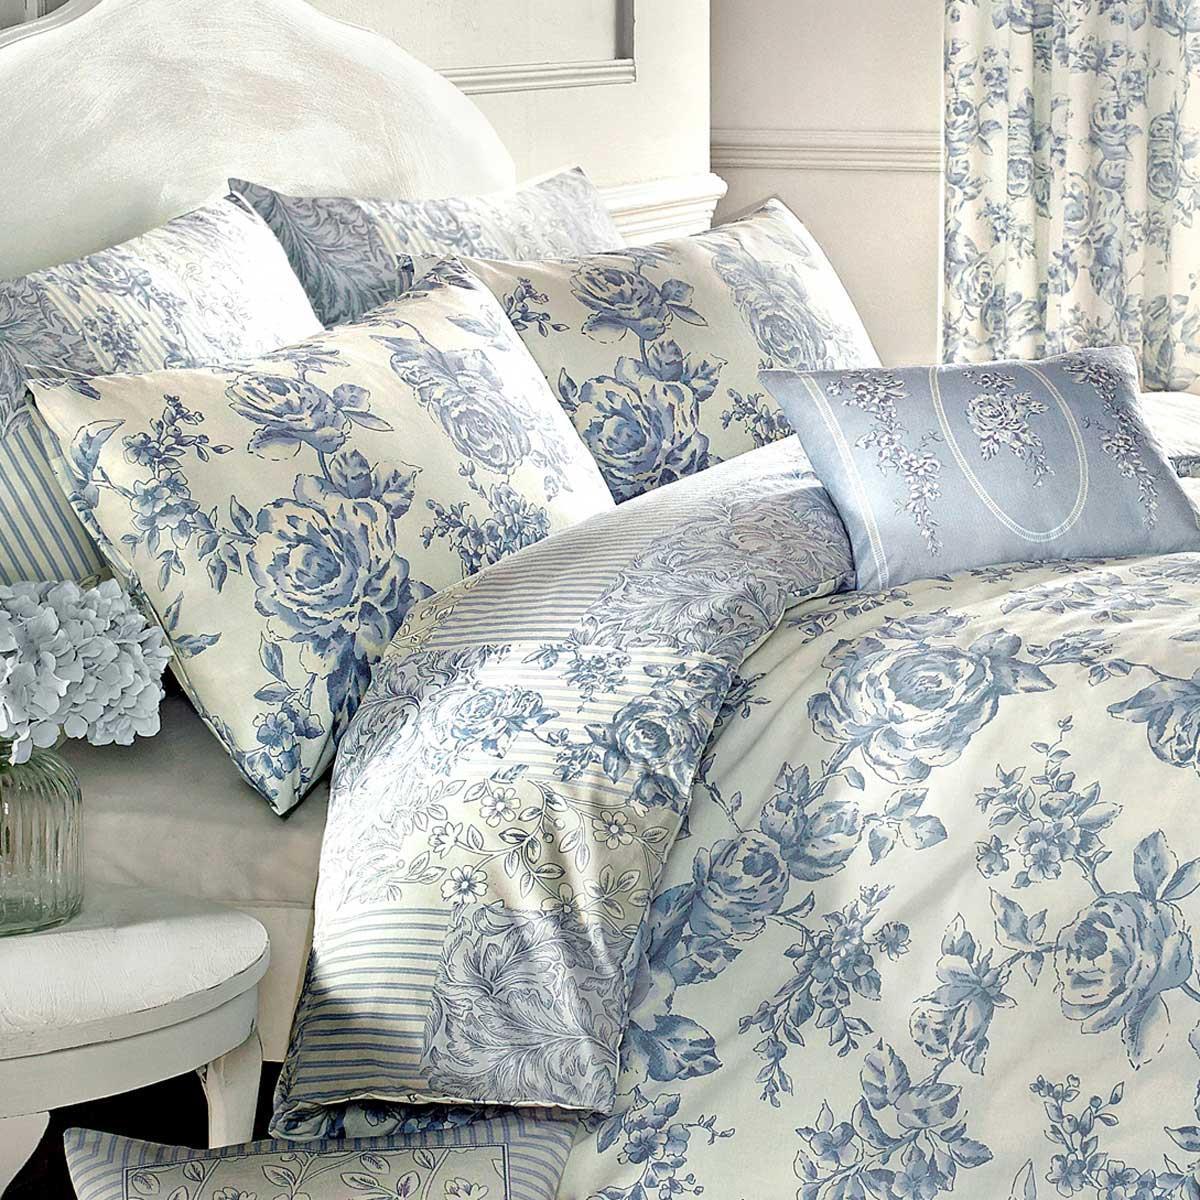 Fundas-de-edredon-azul-con-motivos-florales-Patchwork-Toile-pais-Edredon-Cubierta-de-Lujo-sistemas miniatura 8